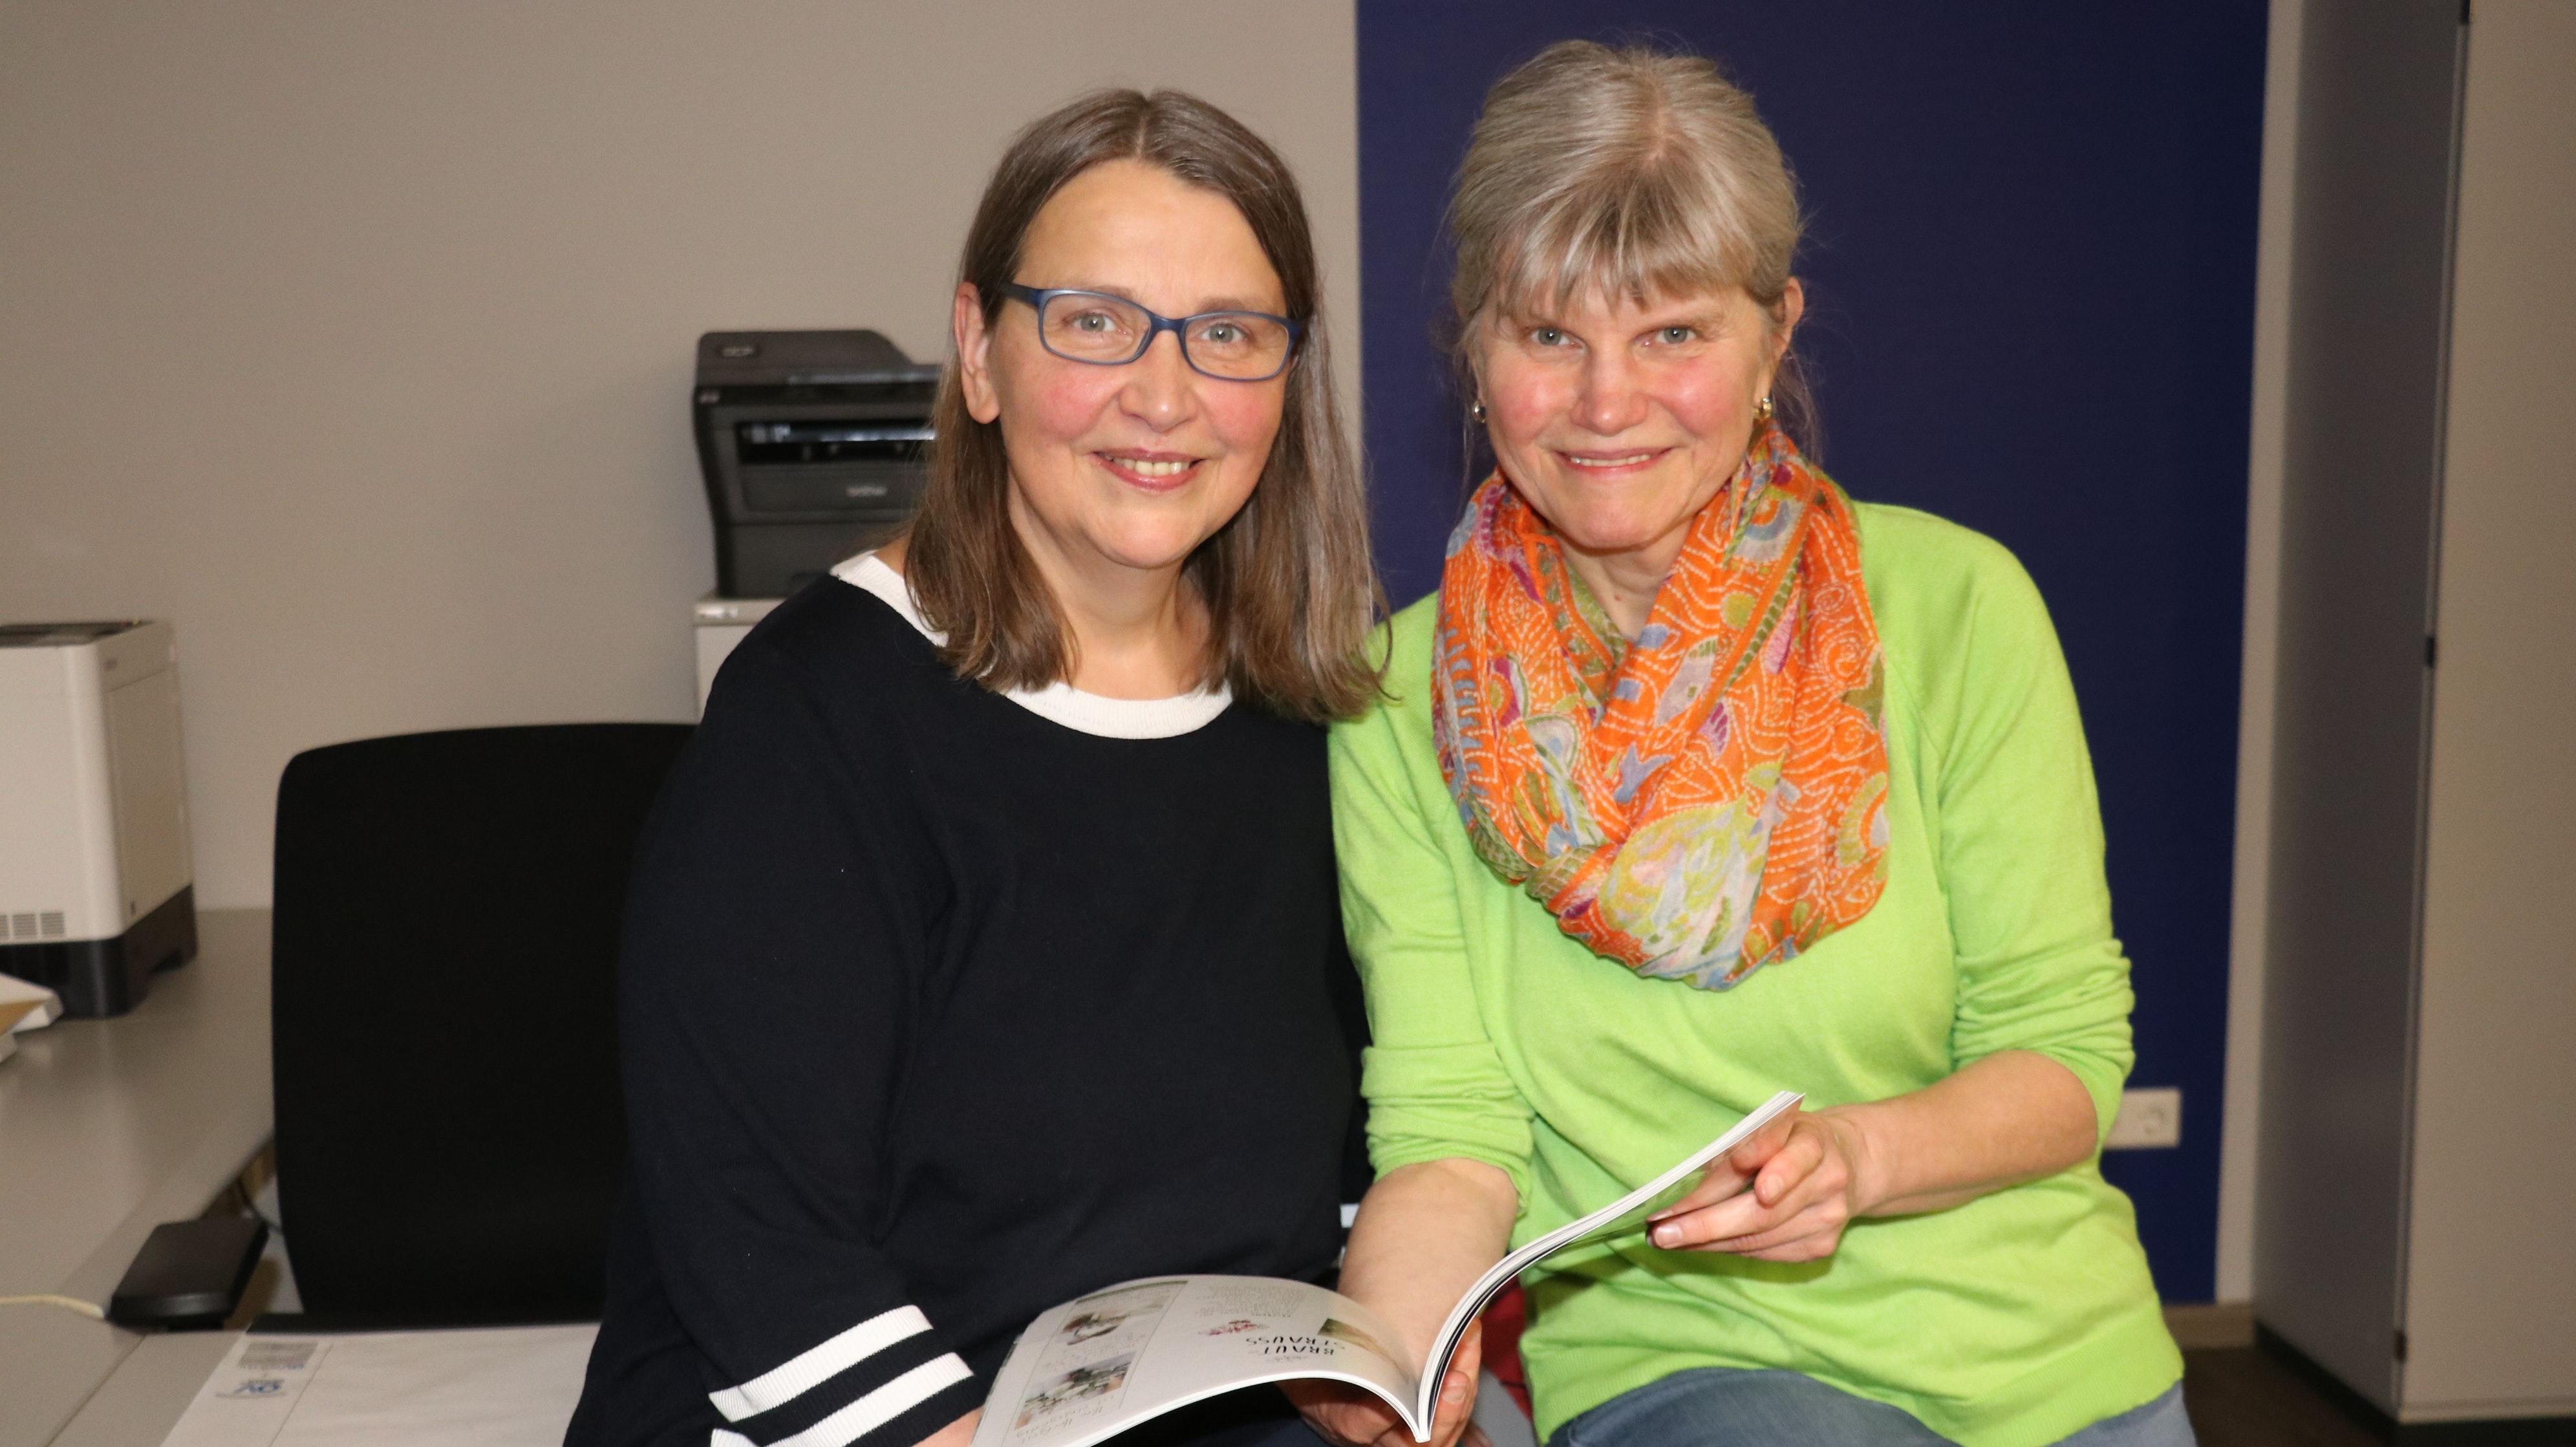 Besondere Herausforderung: Annette (links) und Petra Schwarze müssen wegen der Corona-Pandemie bei der täglichen Arbeit viele zusätzliche Auflagen beachten. Foto: Lammert